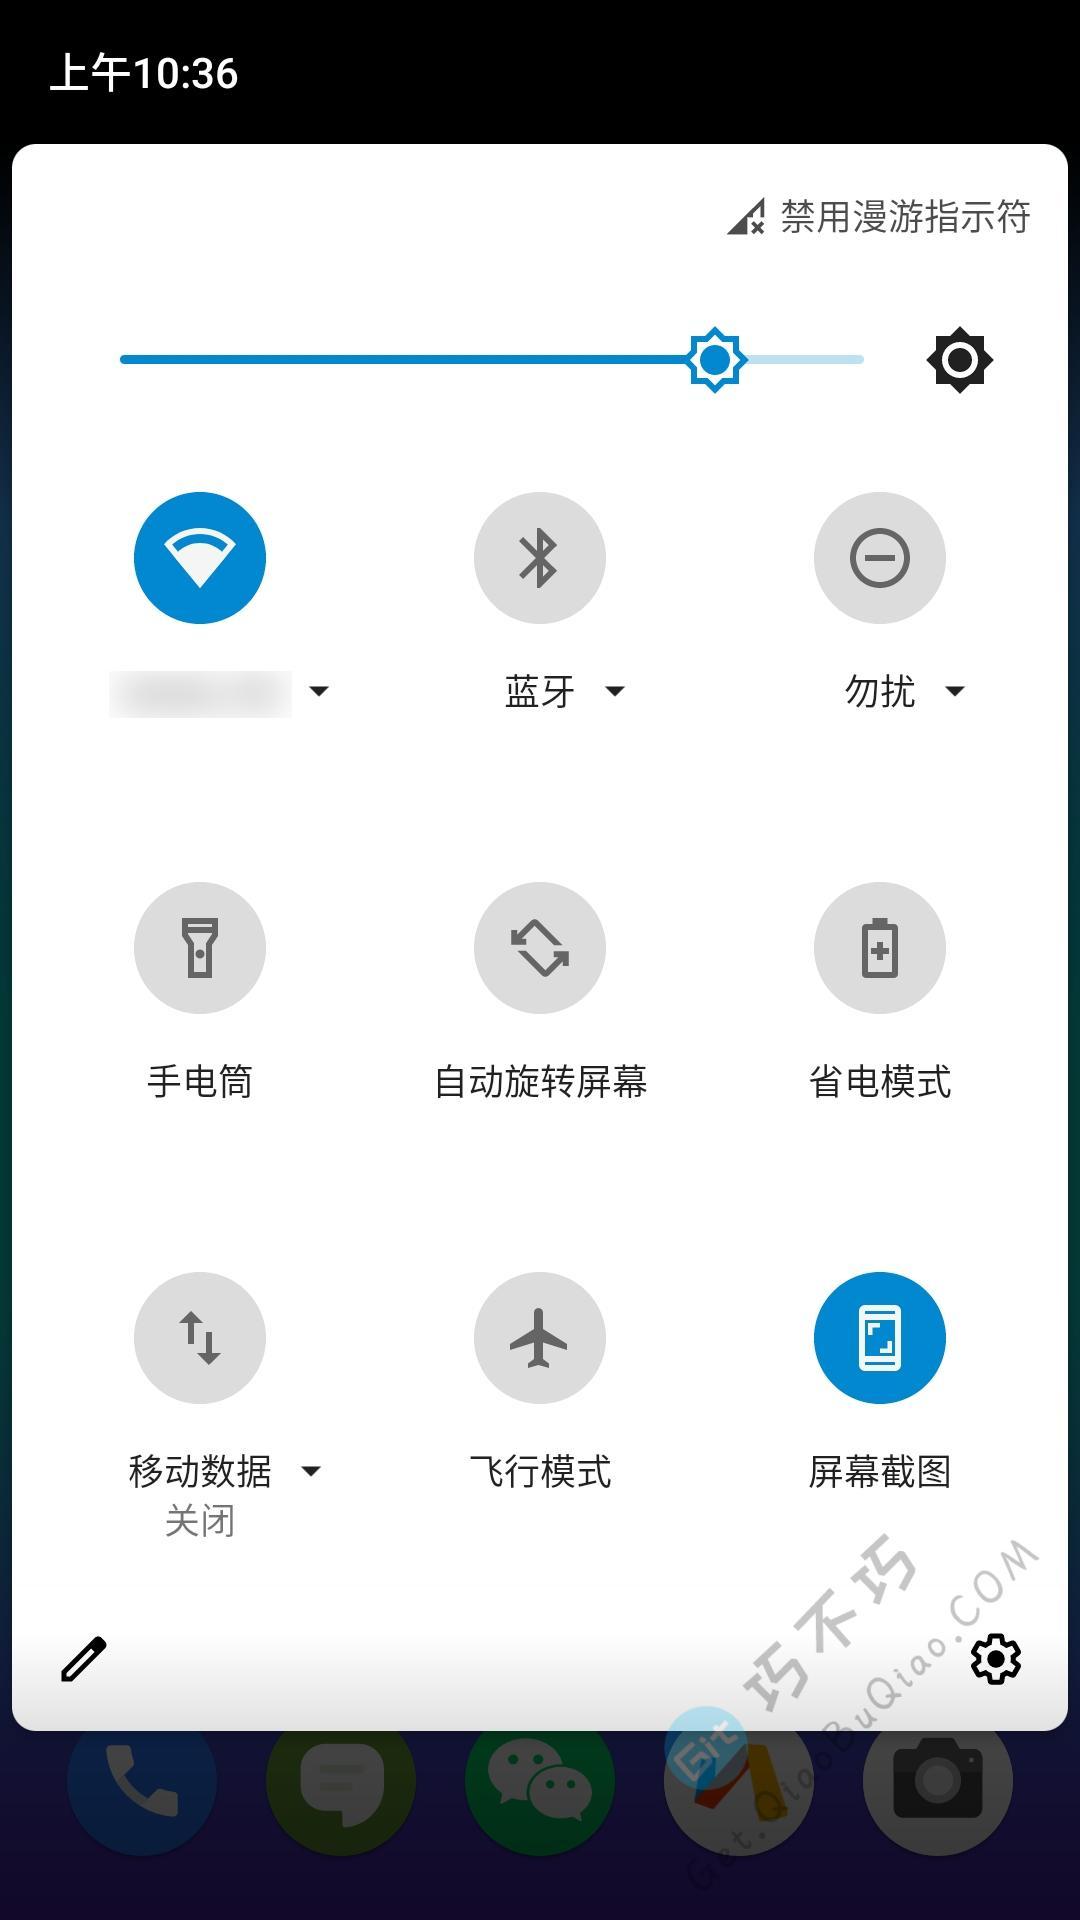 旧安卓手机第三方最新版本系统刷机包ROM固件下载网站,支持HTC、华为、乐视、联想、魅族、LG、努比亚、OPPO、三星等